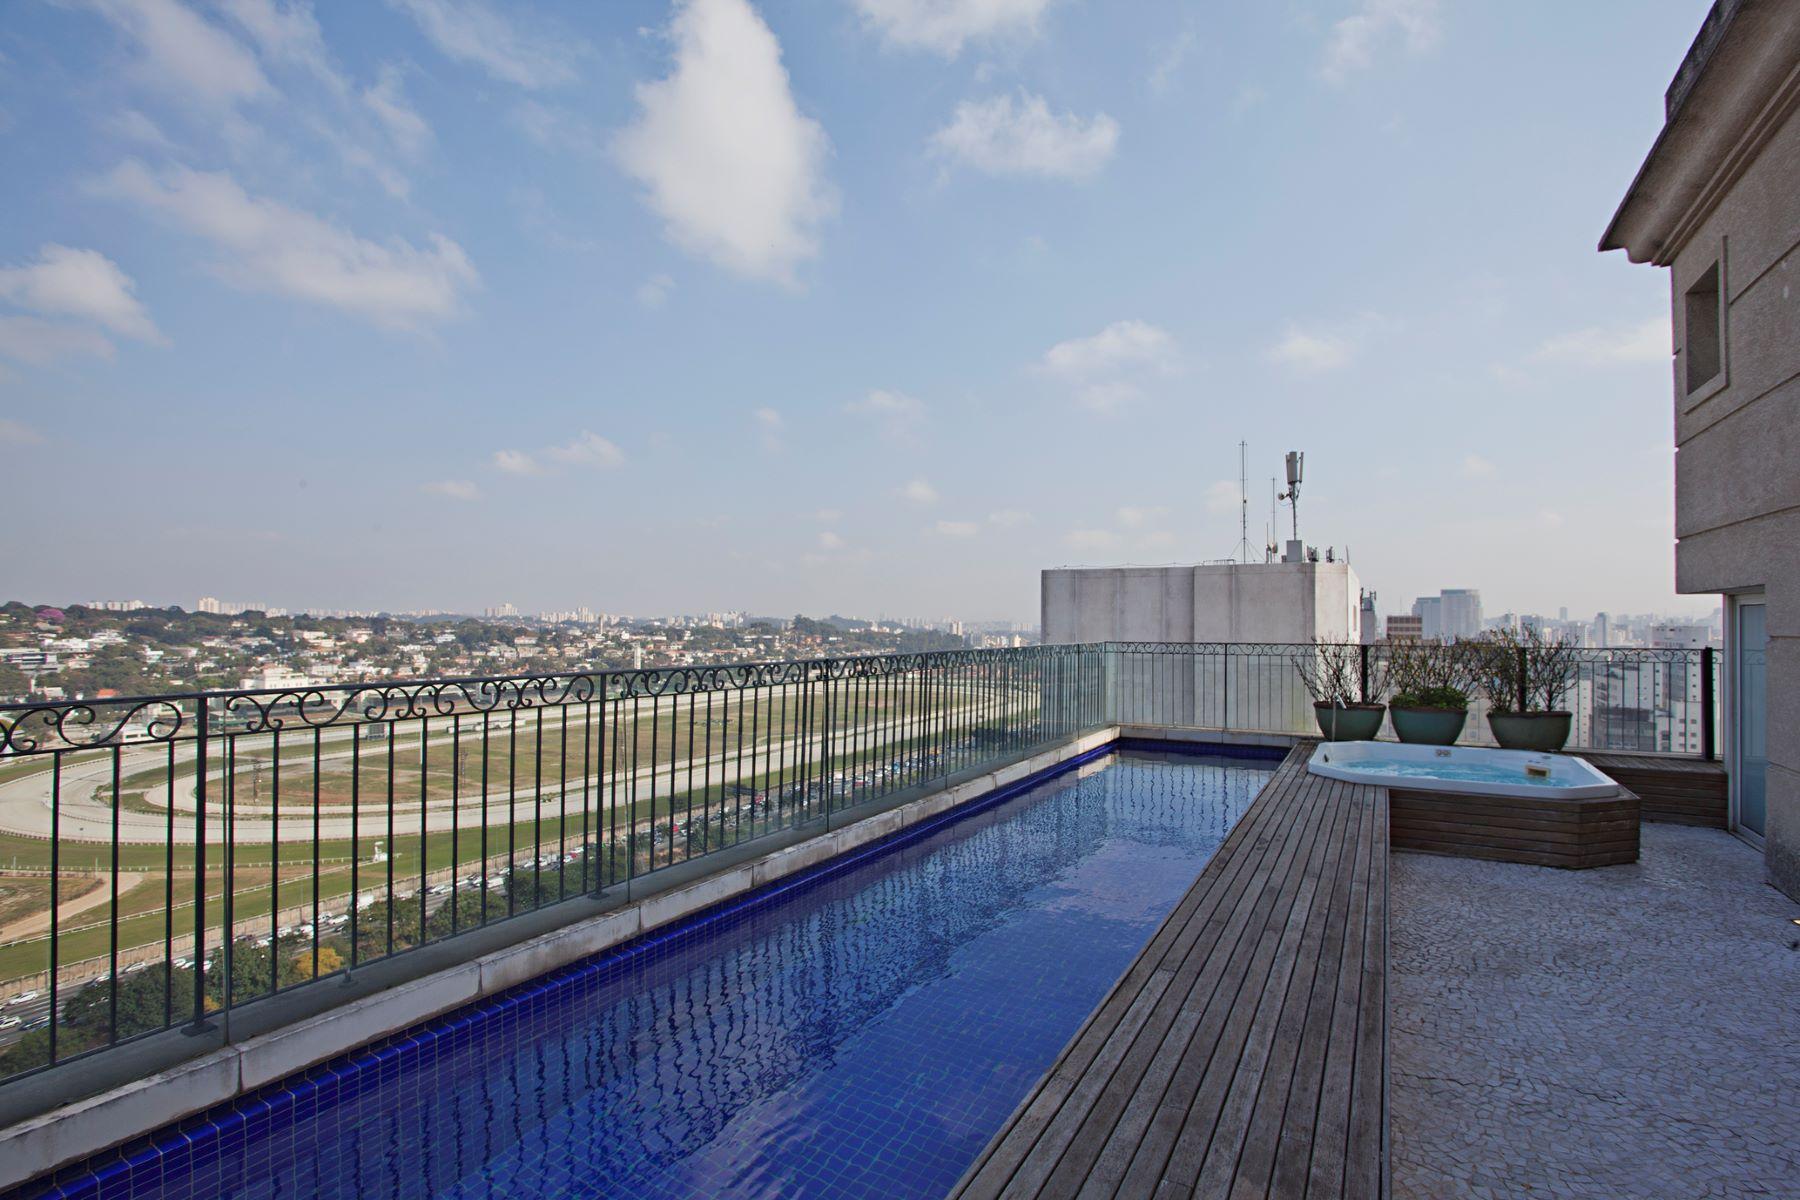 Частный односемейный дом для того Продажа на Exclusive project Rua Tucumã Sao Paulo, Сан-Паулу, 01455-010 Бразилия